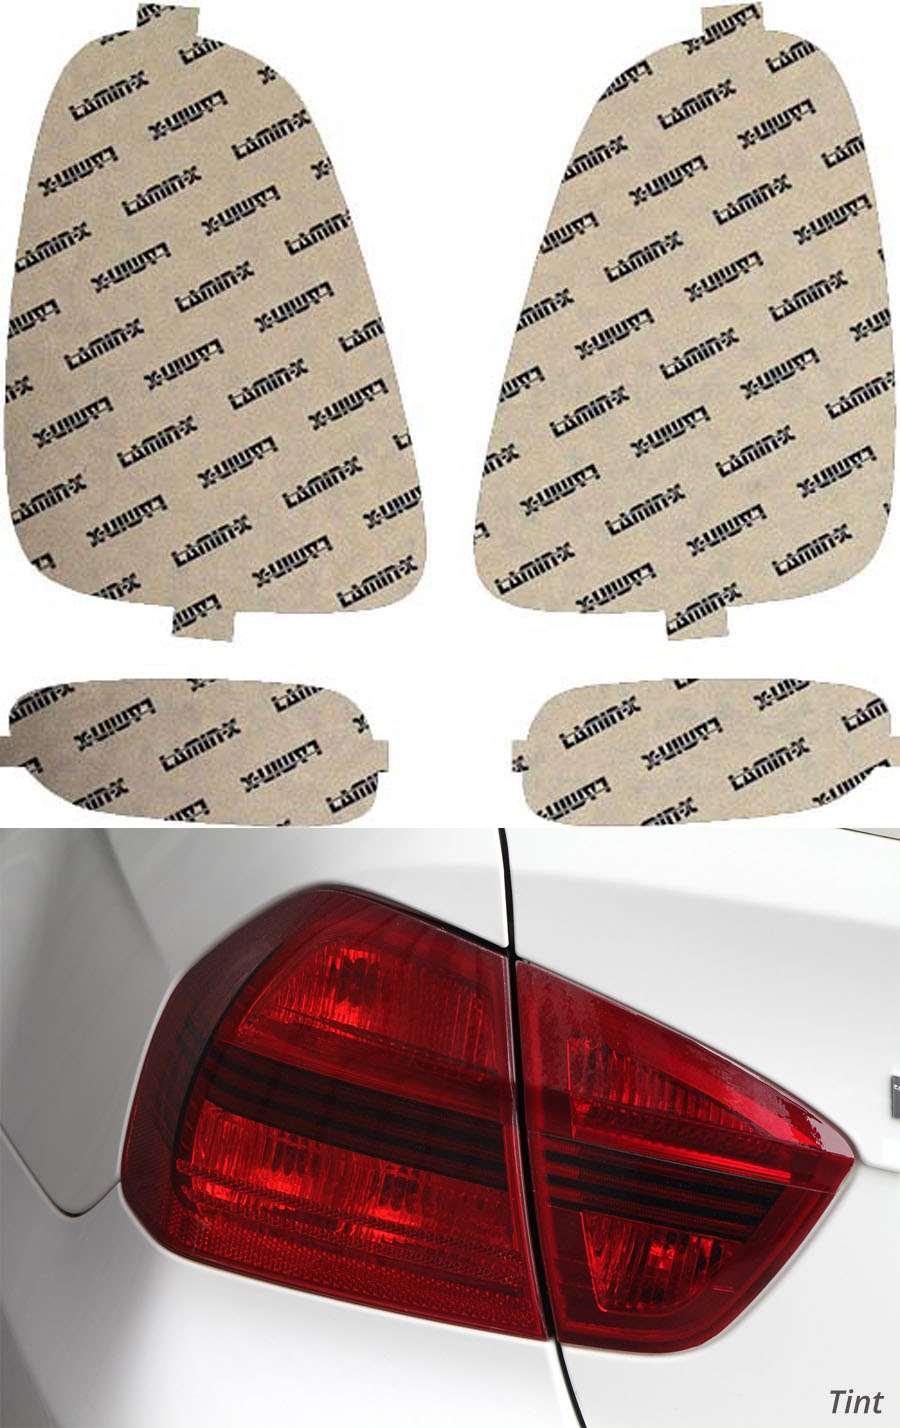 Mini Cooper 07-10 Tint Tail Light Covers Lamin-X MN207T